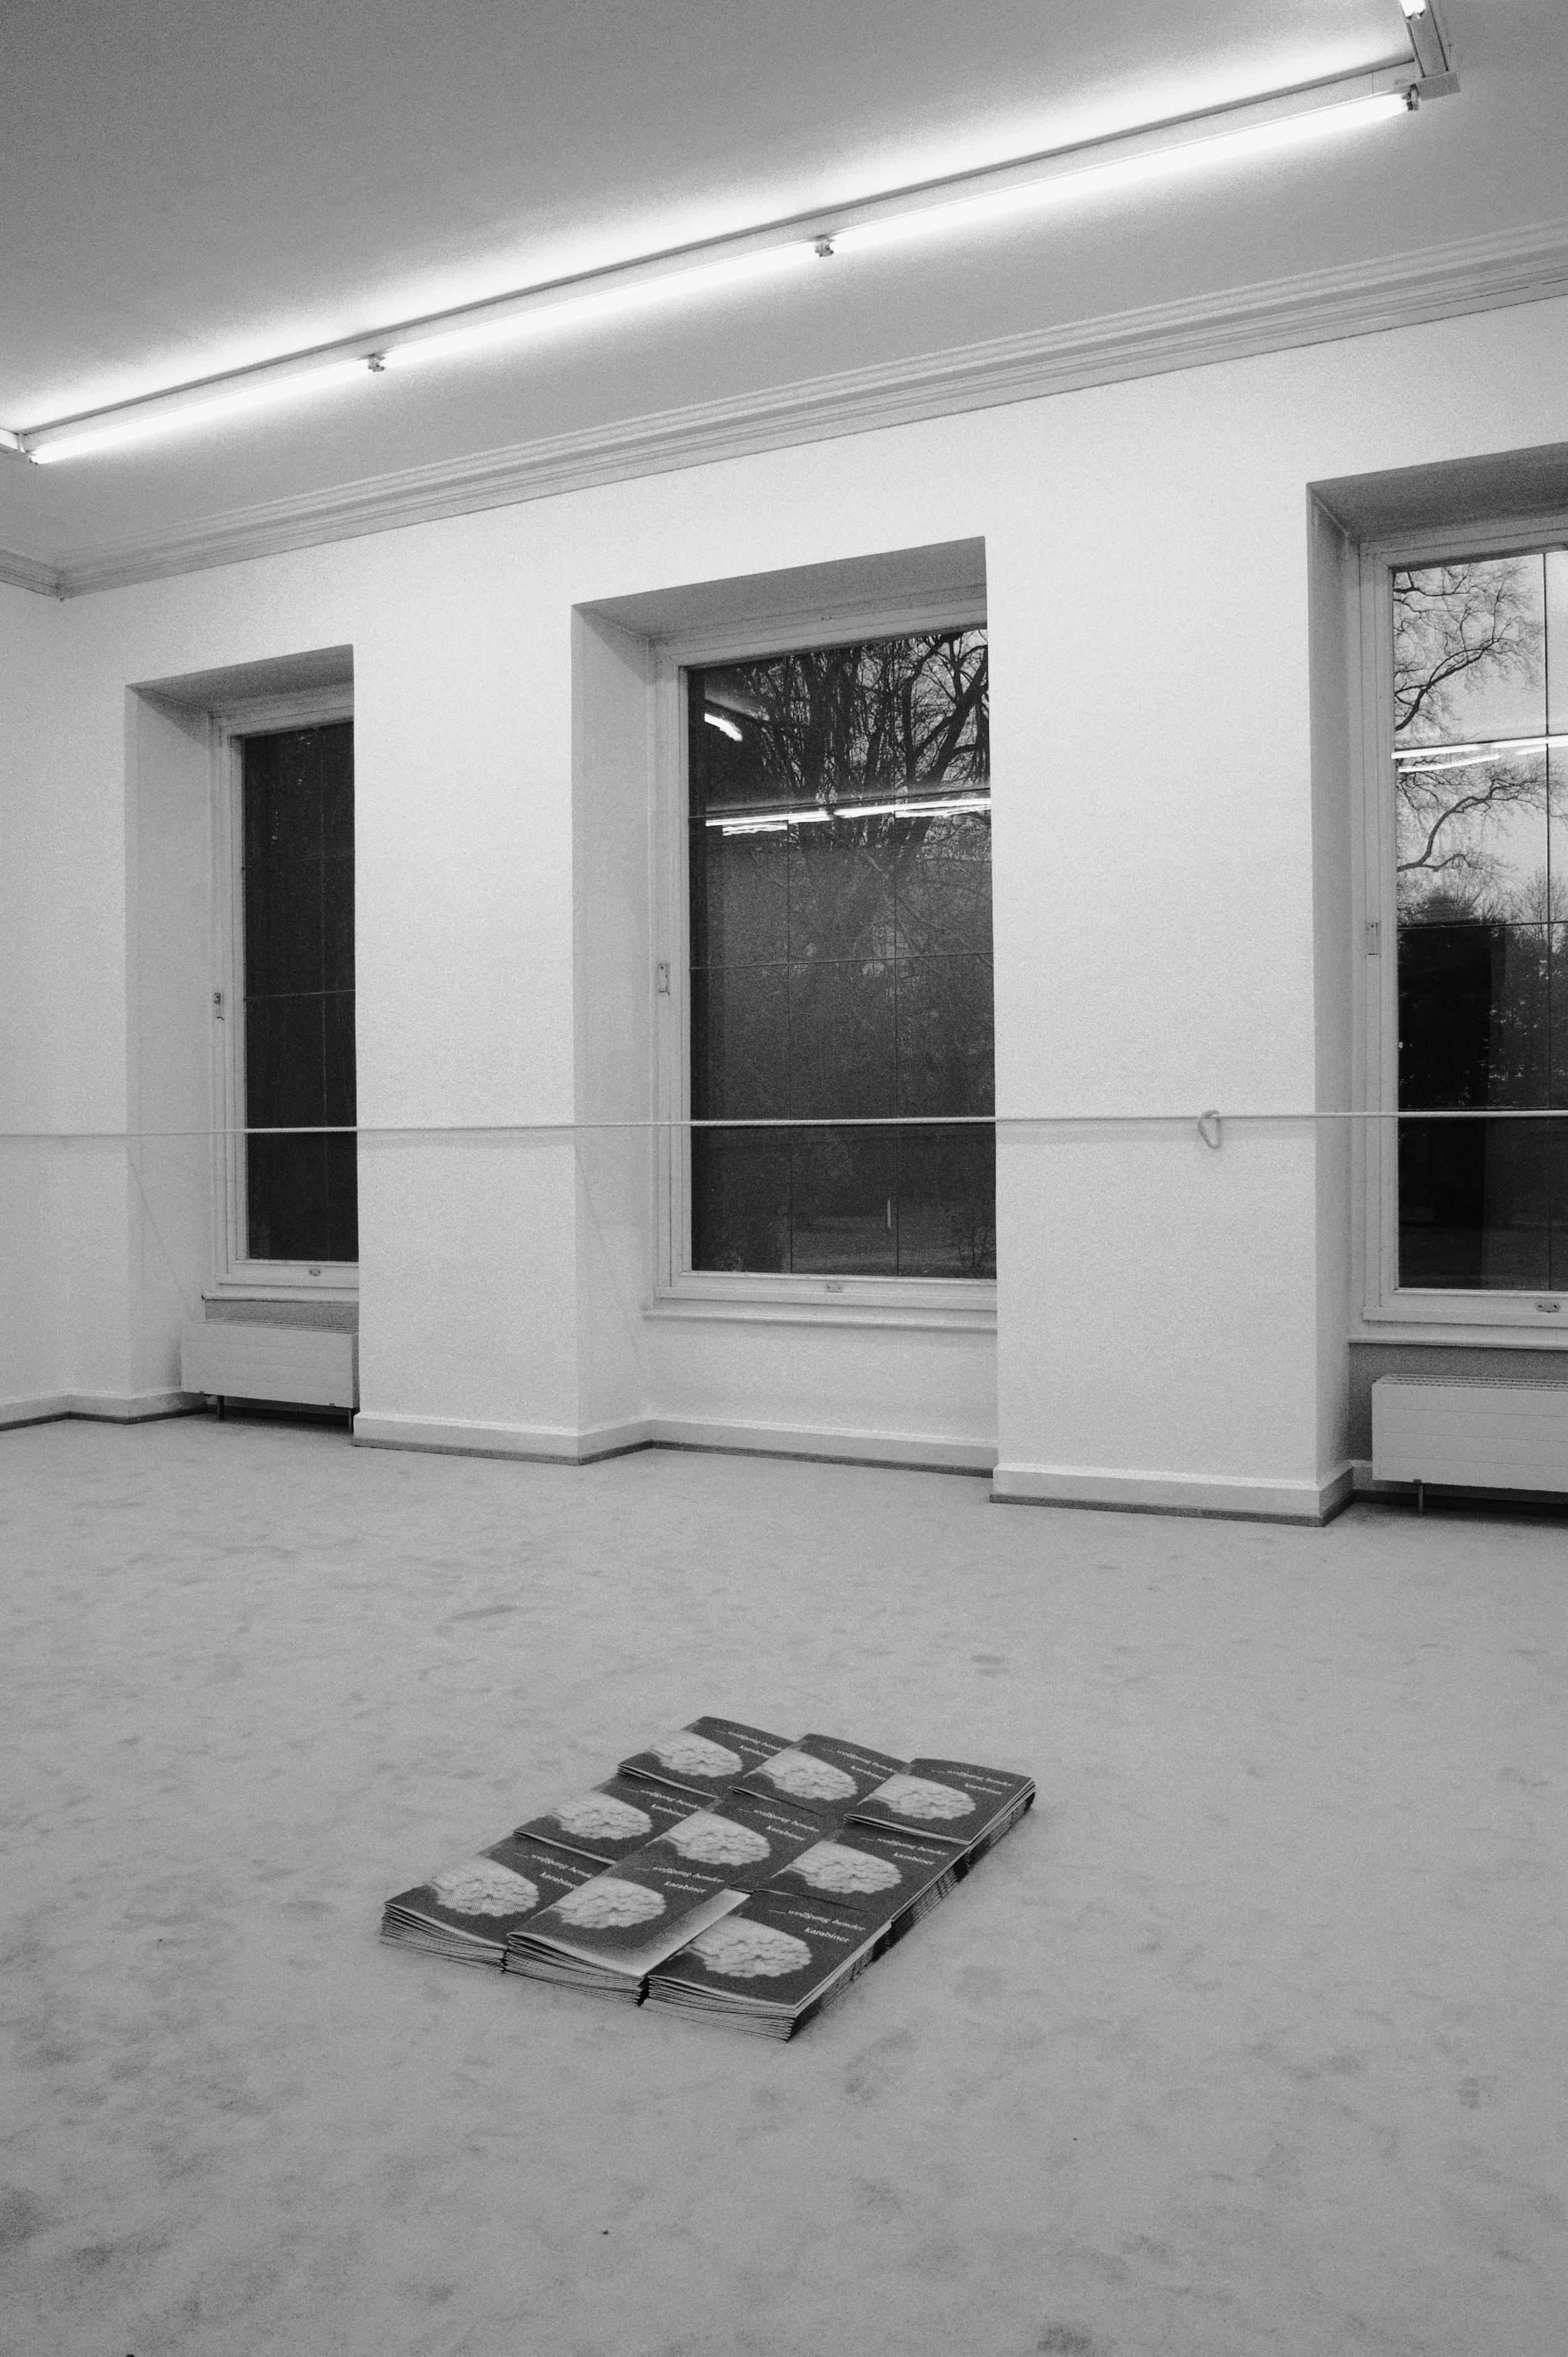 KARABINER, installation view